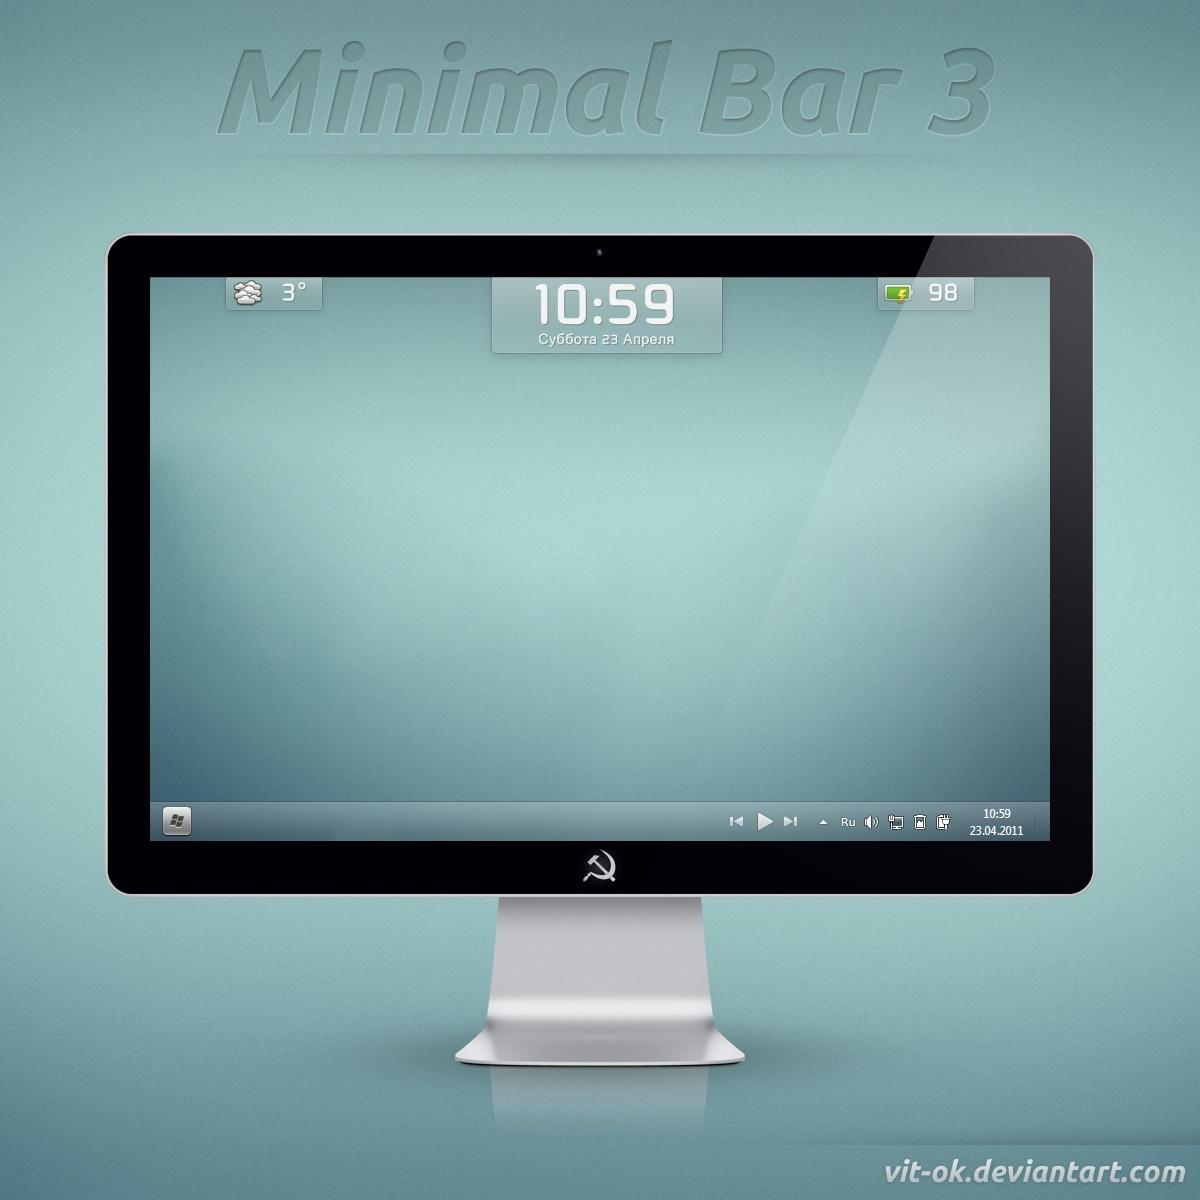 Minimal Bar 3 by Vit-Ok